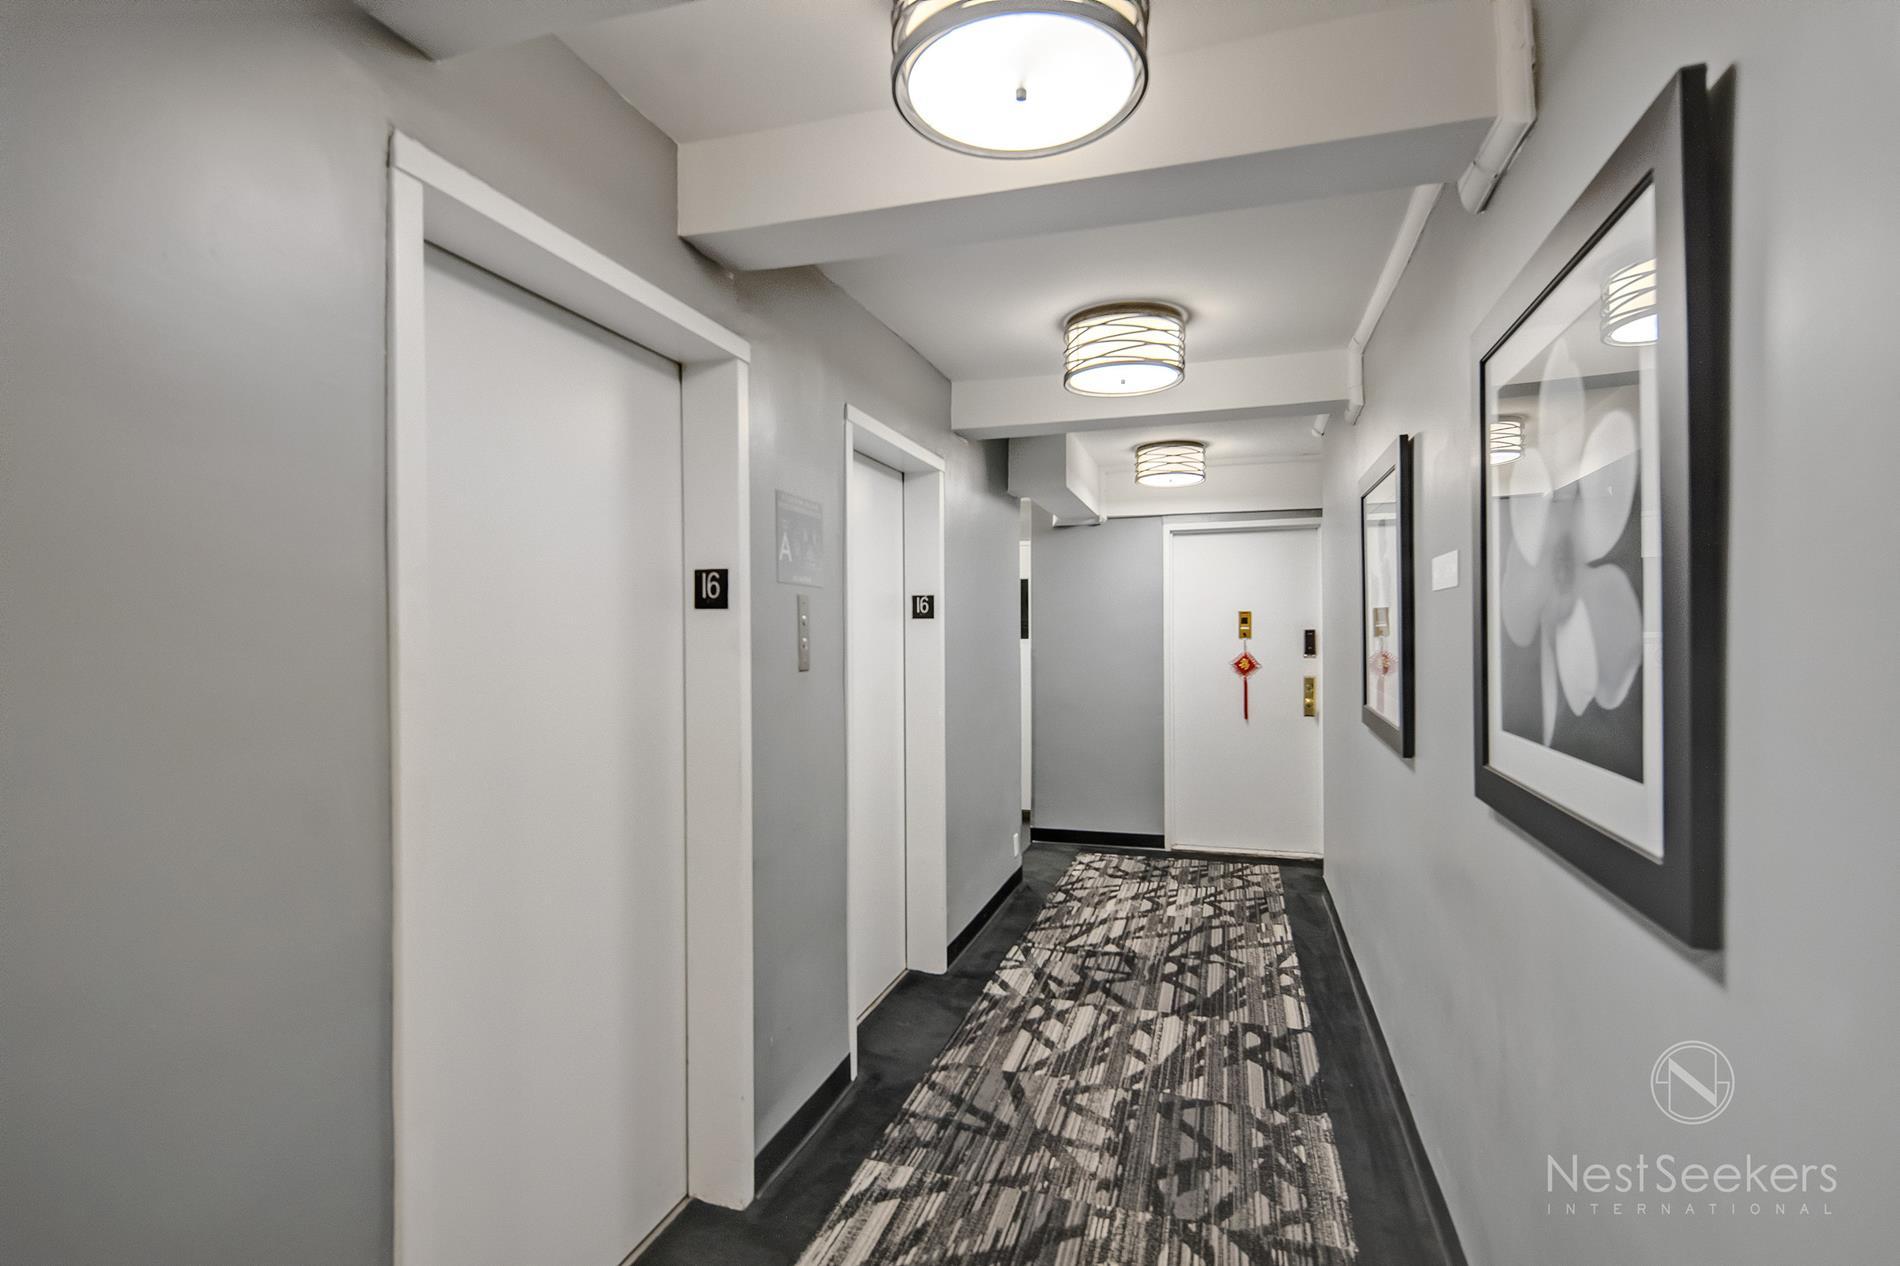 107-40 Queens Boulevard Interior Photo